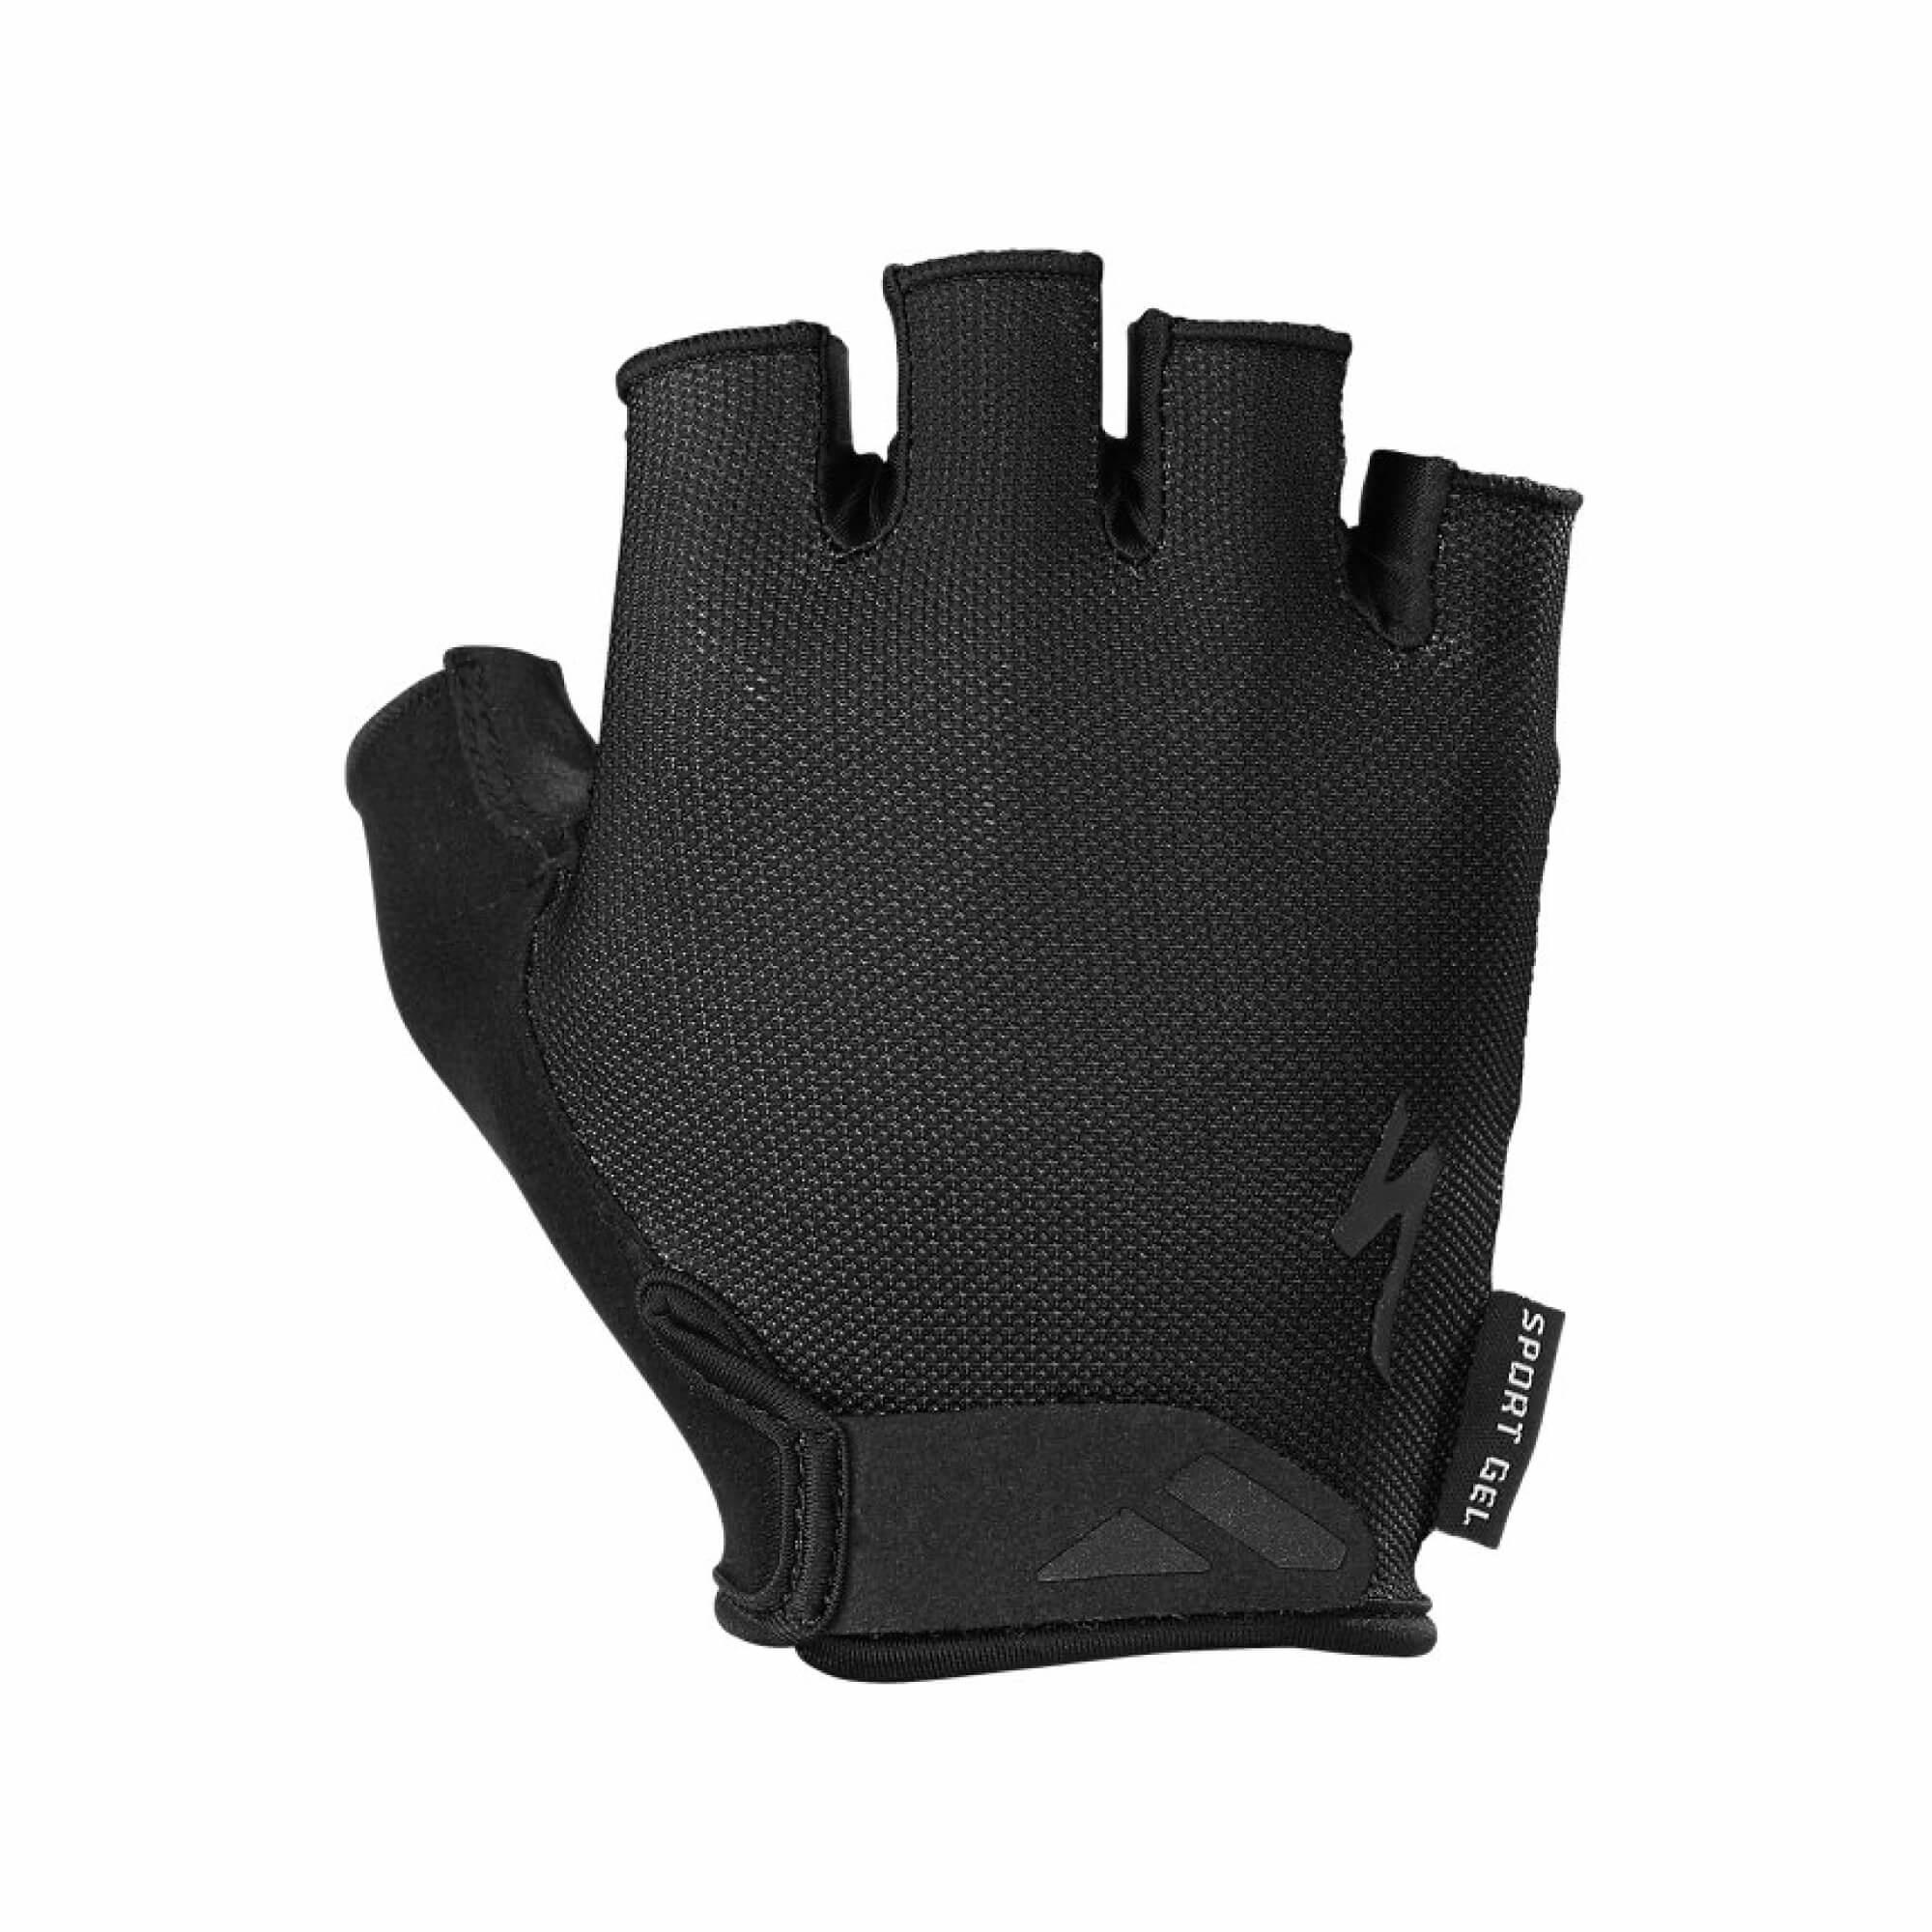 Body Geometry Sport Gel Glove Short Fingers-1